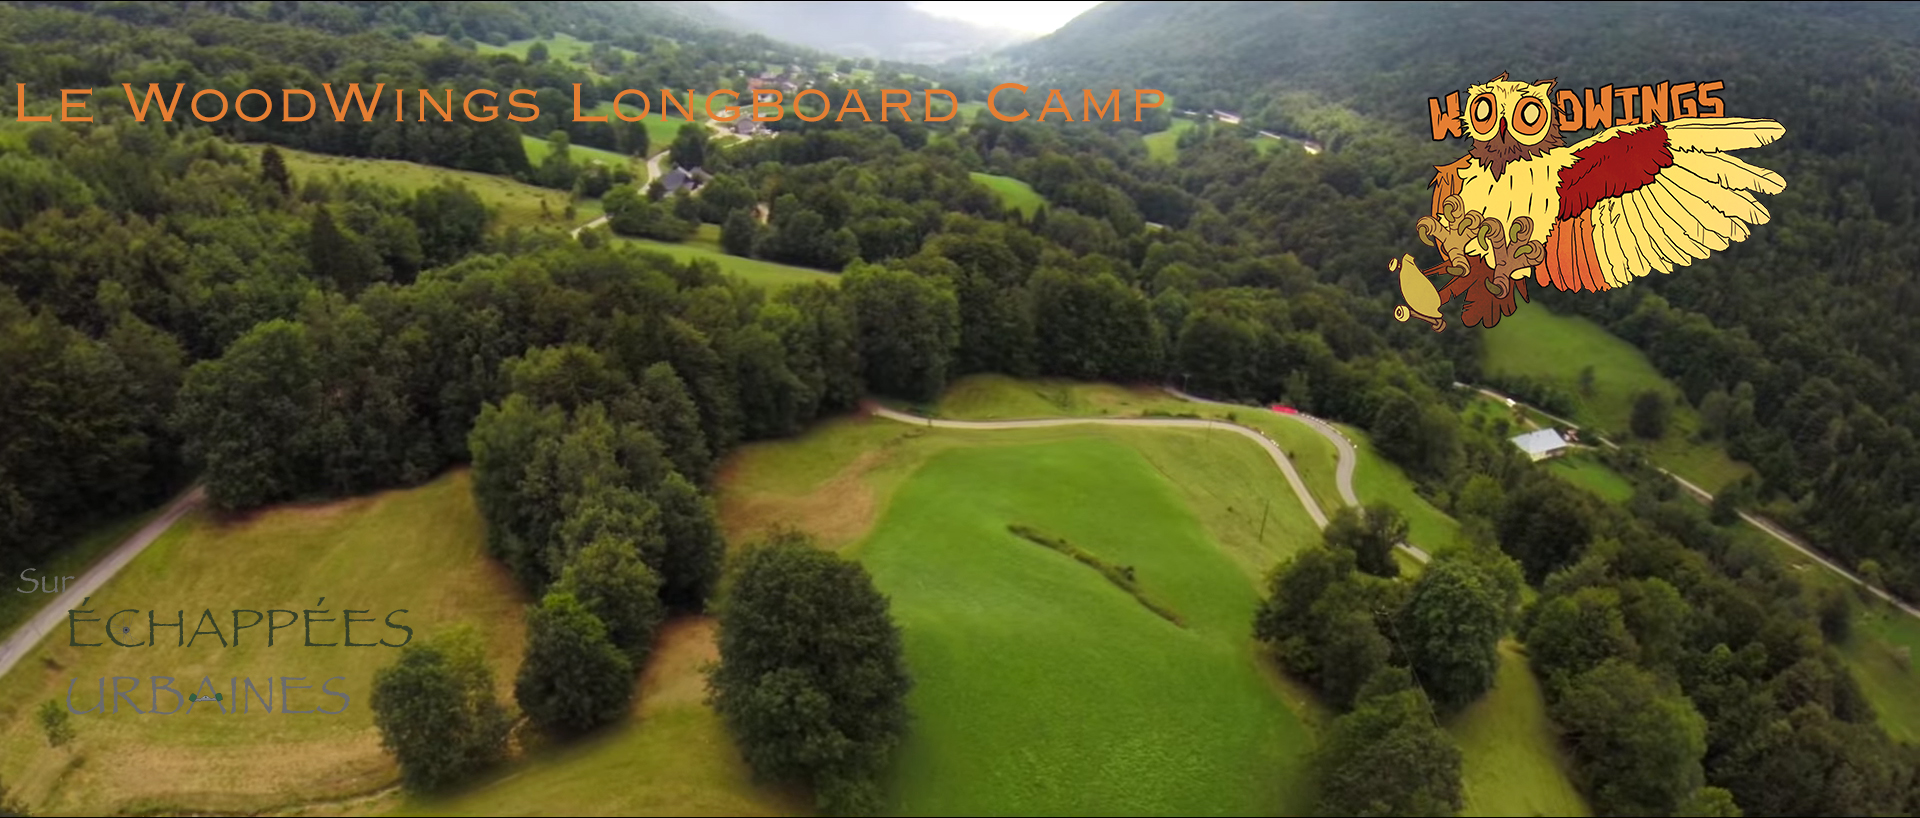 WoodWings Longboard Camps 2016